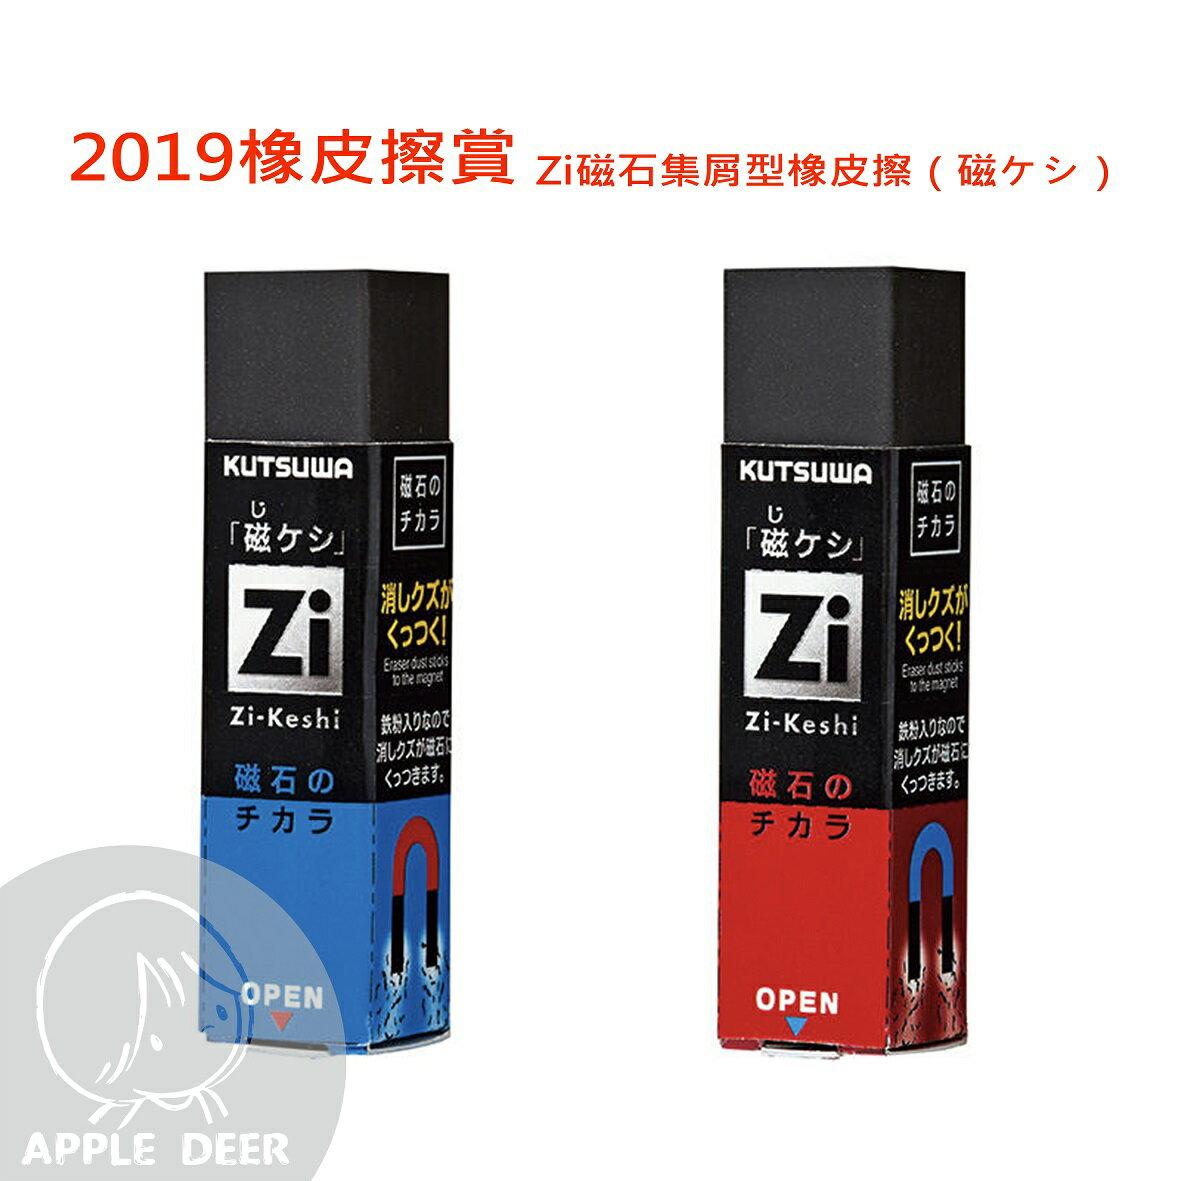 【蘋果小鹿】磁石集屑型橡皮擦(磁ケシ) Zi 0